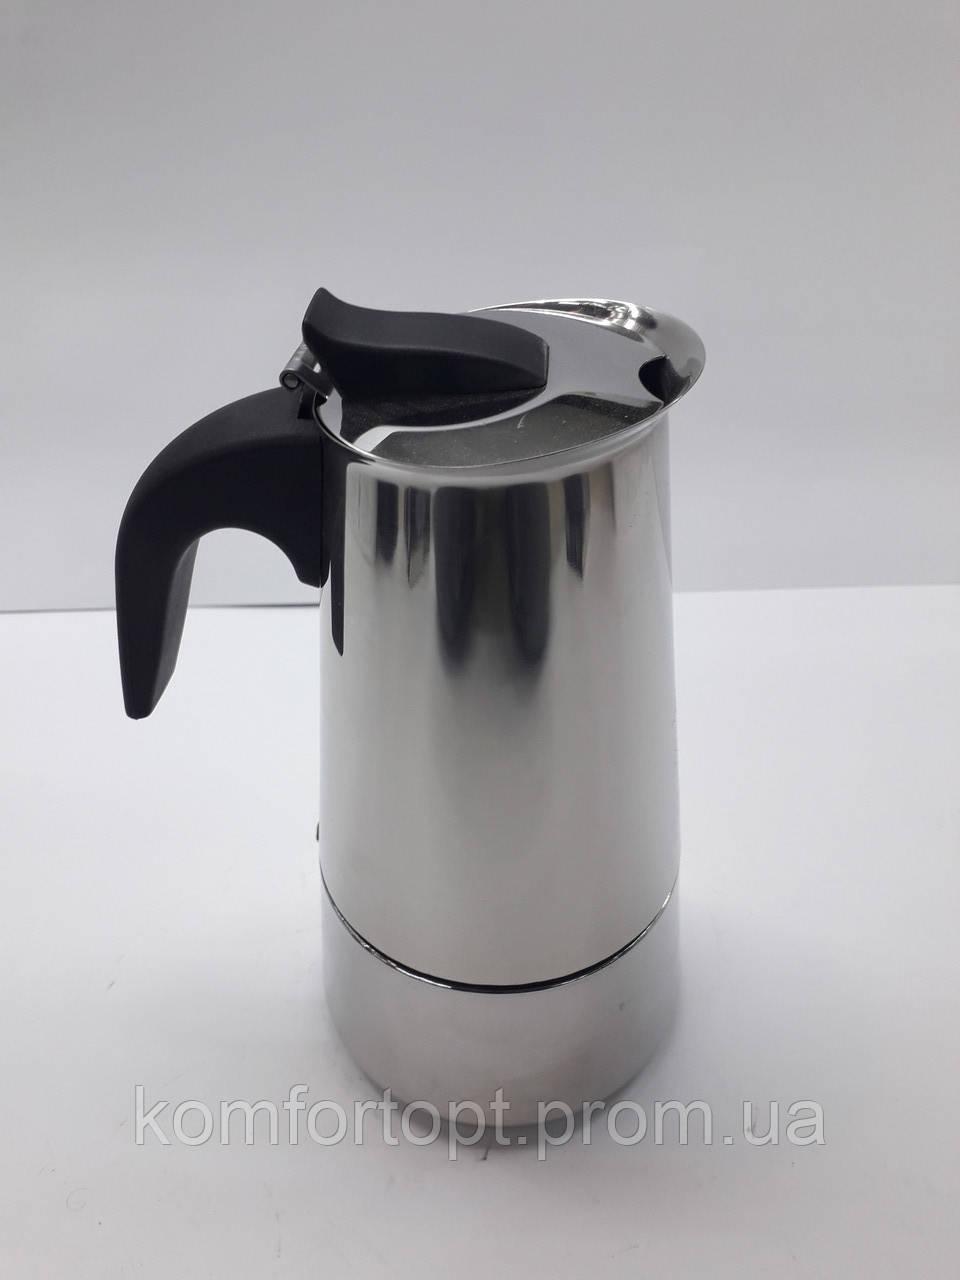 Гейзерная кофеварка на 9 чашек.